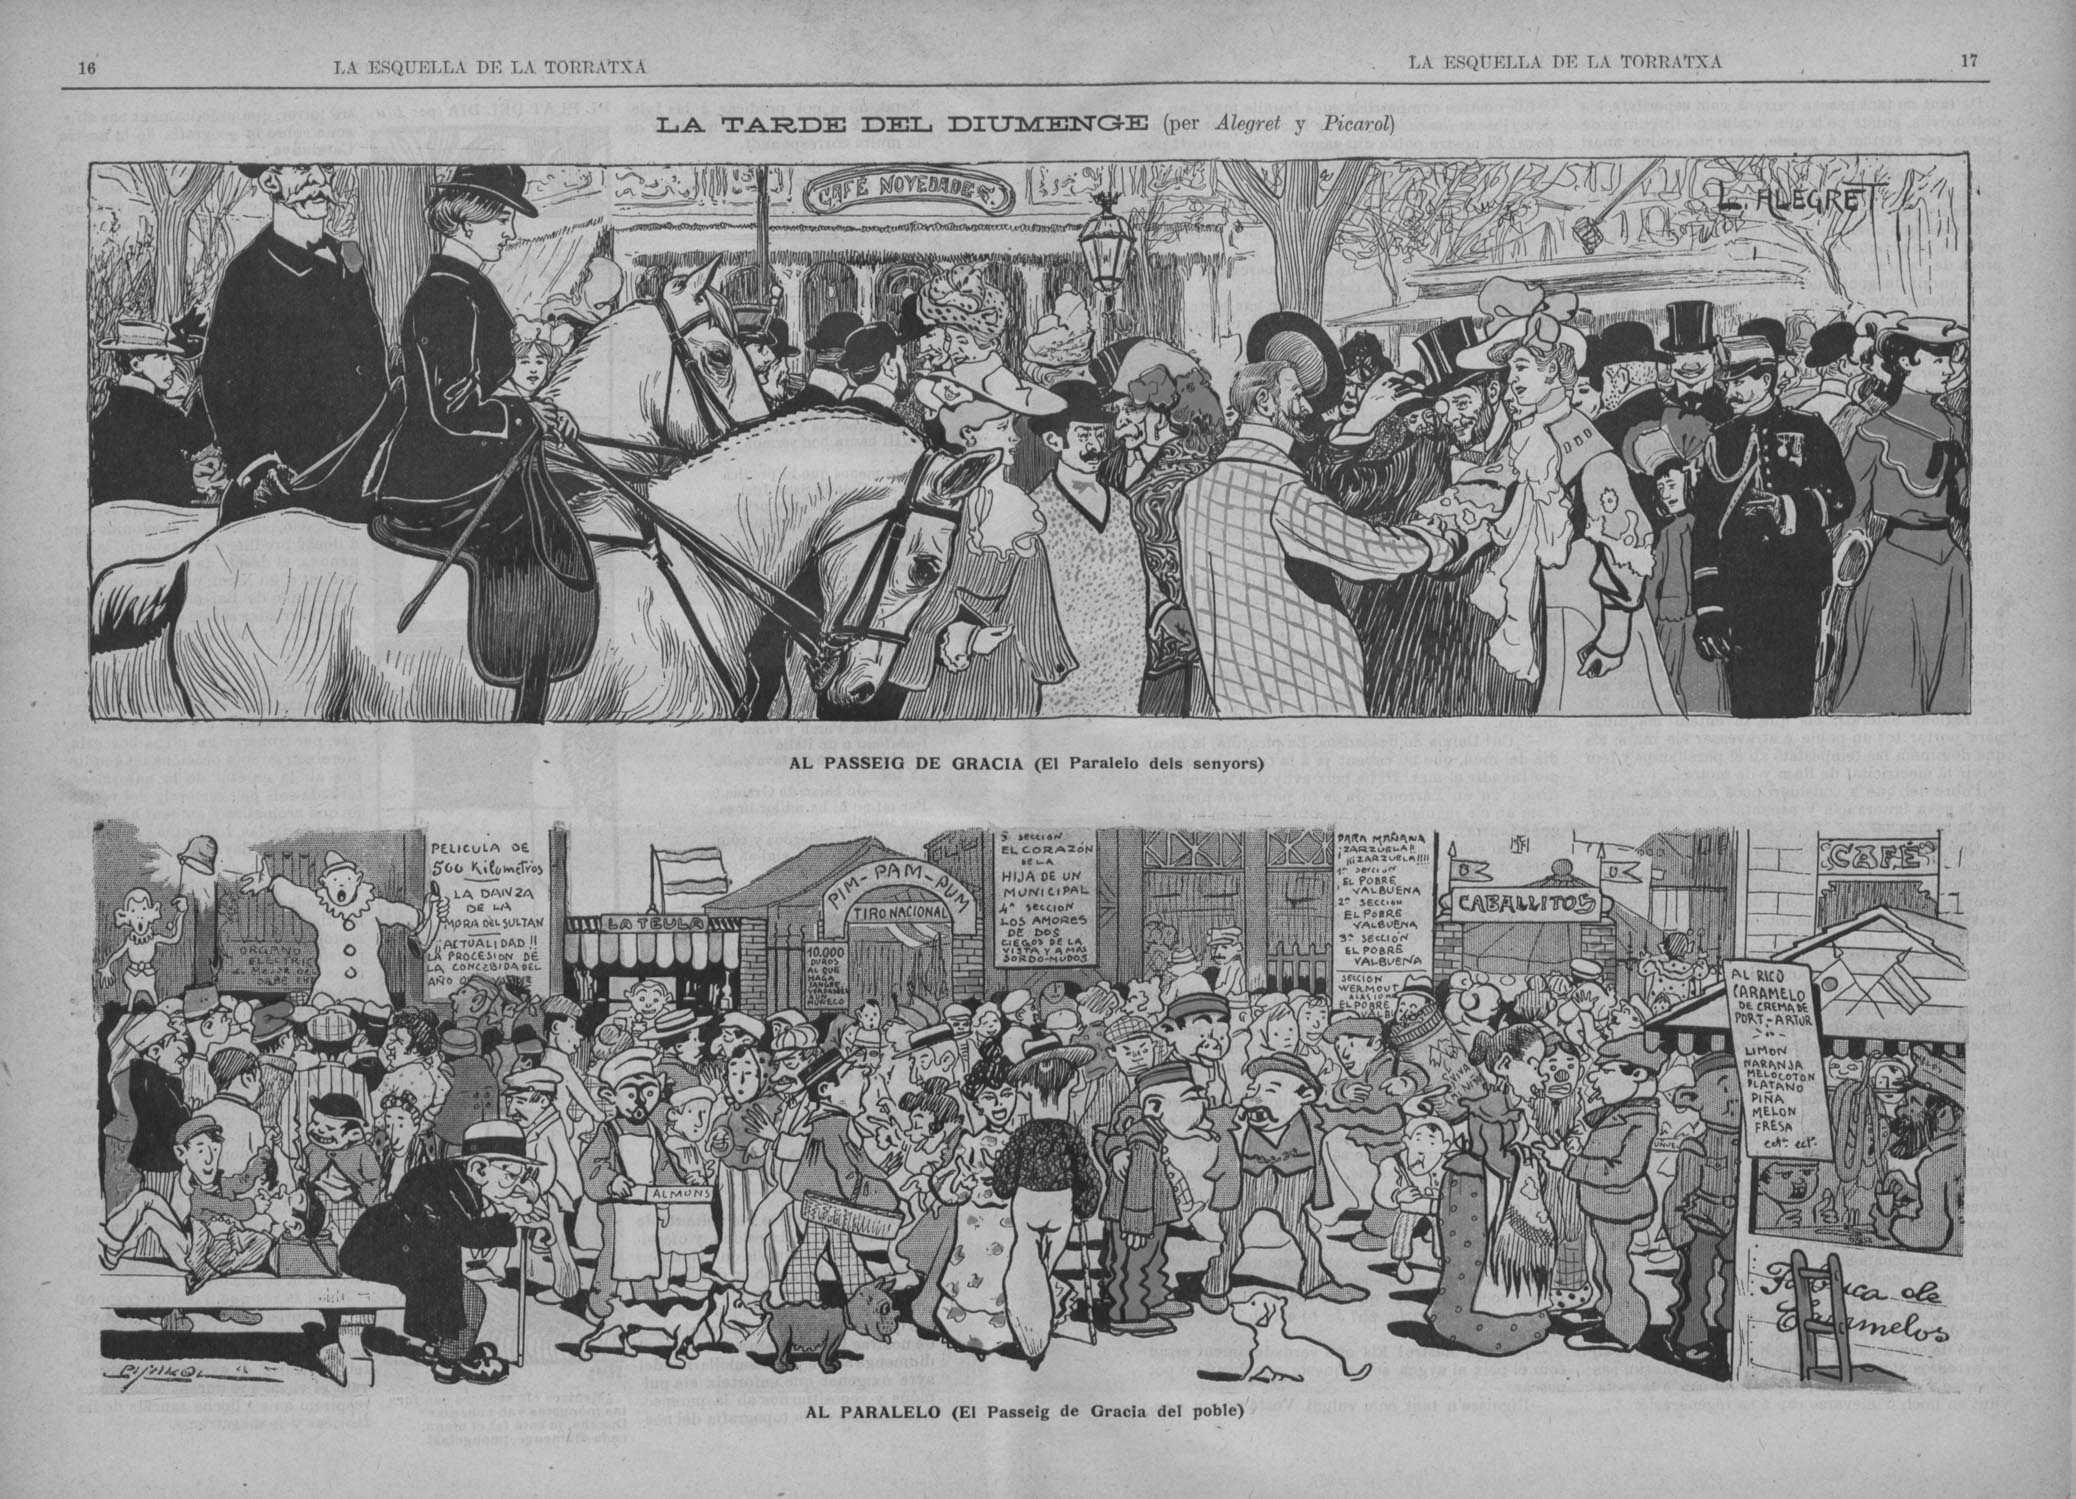 Esquella de la Torratxa, L'. Núm. 1357, 6 gener 1906, pàgina 16. Il·lustracions de L. Alegret i Picarol, pseudònim de Josep Costa i Ferrer.